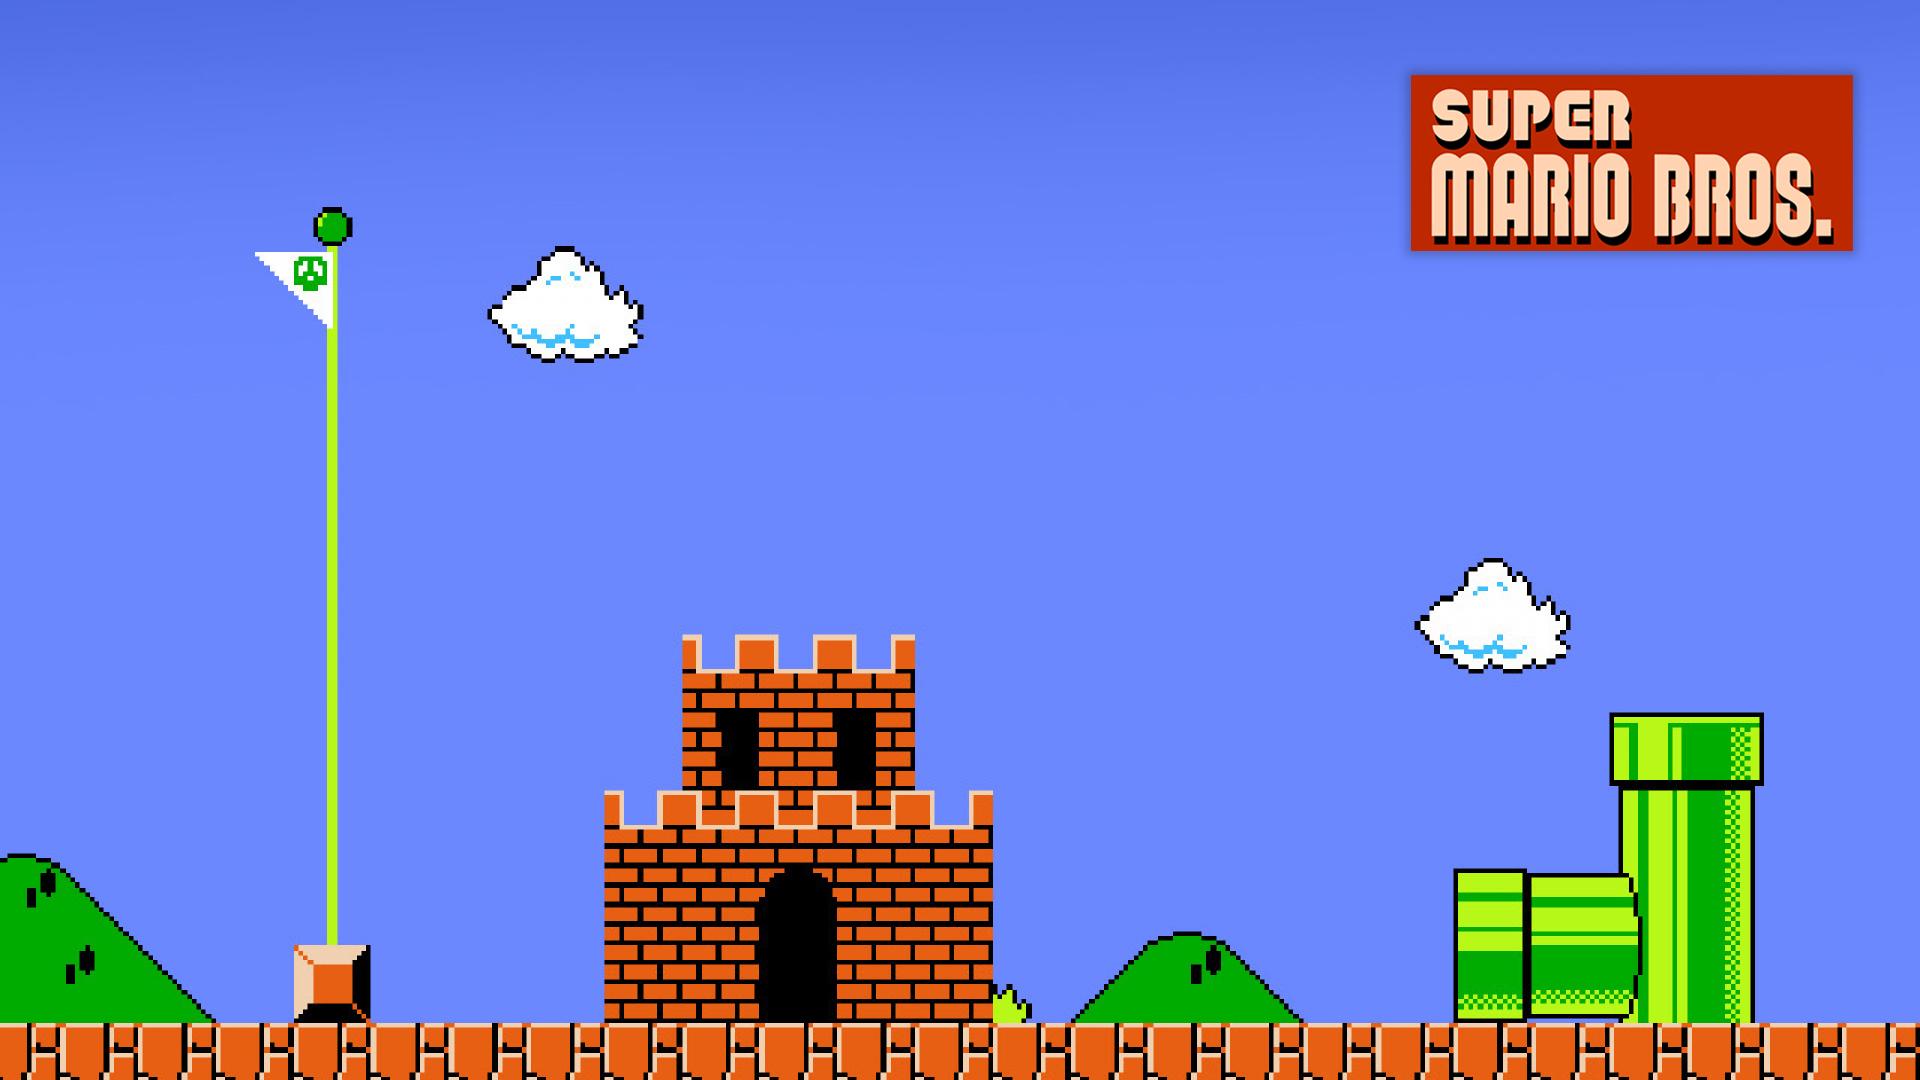 Super Mario Bros final de nivel. Fondo virtual gratuito para Zoom, Microsoft Teams, Skype, Google Meet, WebEx o cualquier otra aplicación compatible.